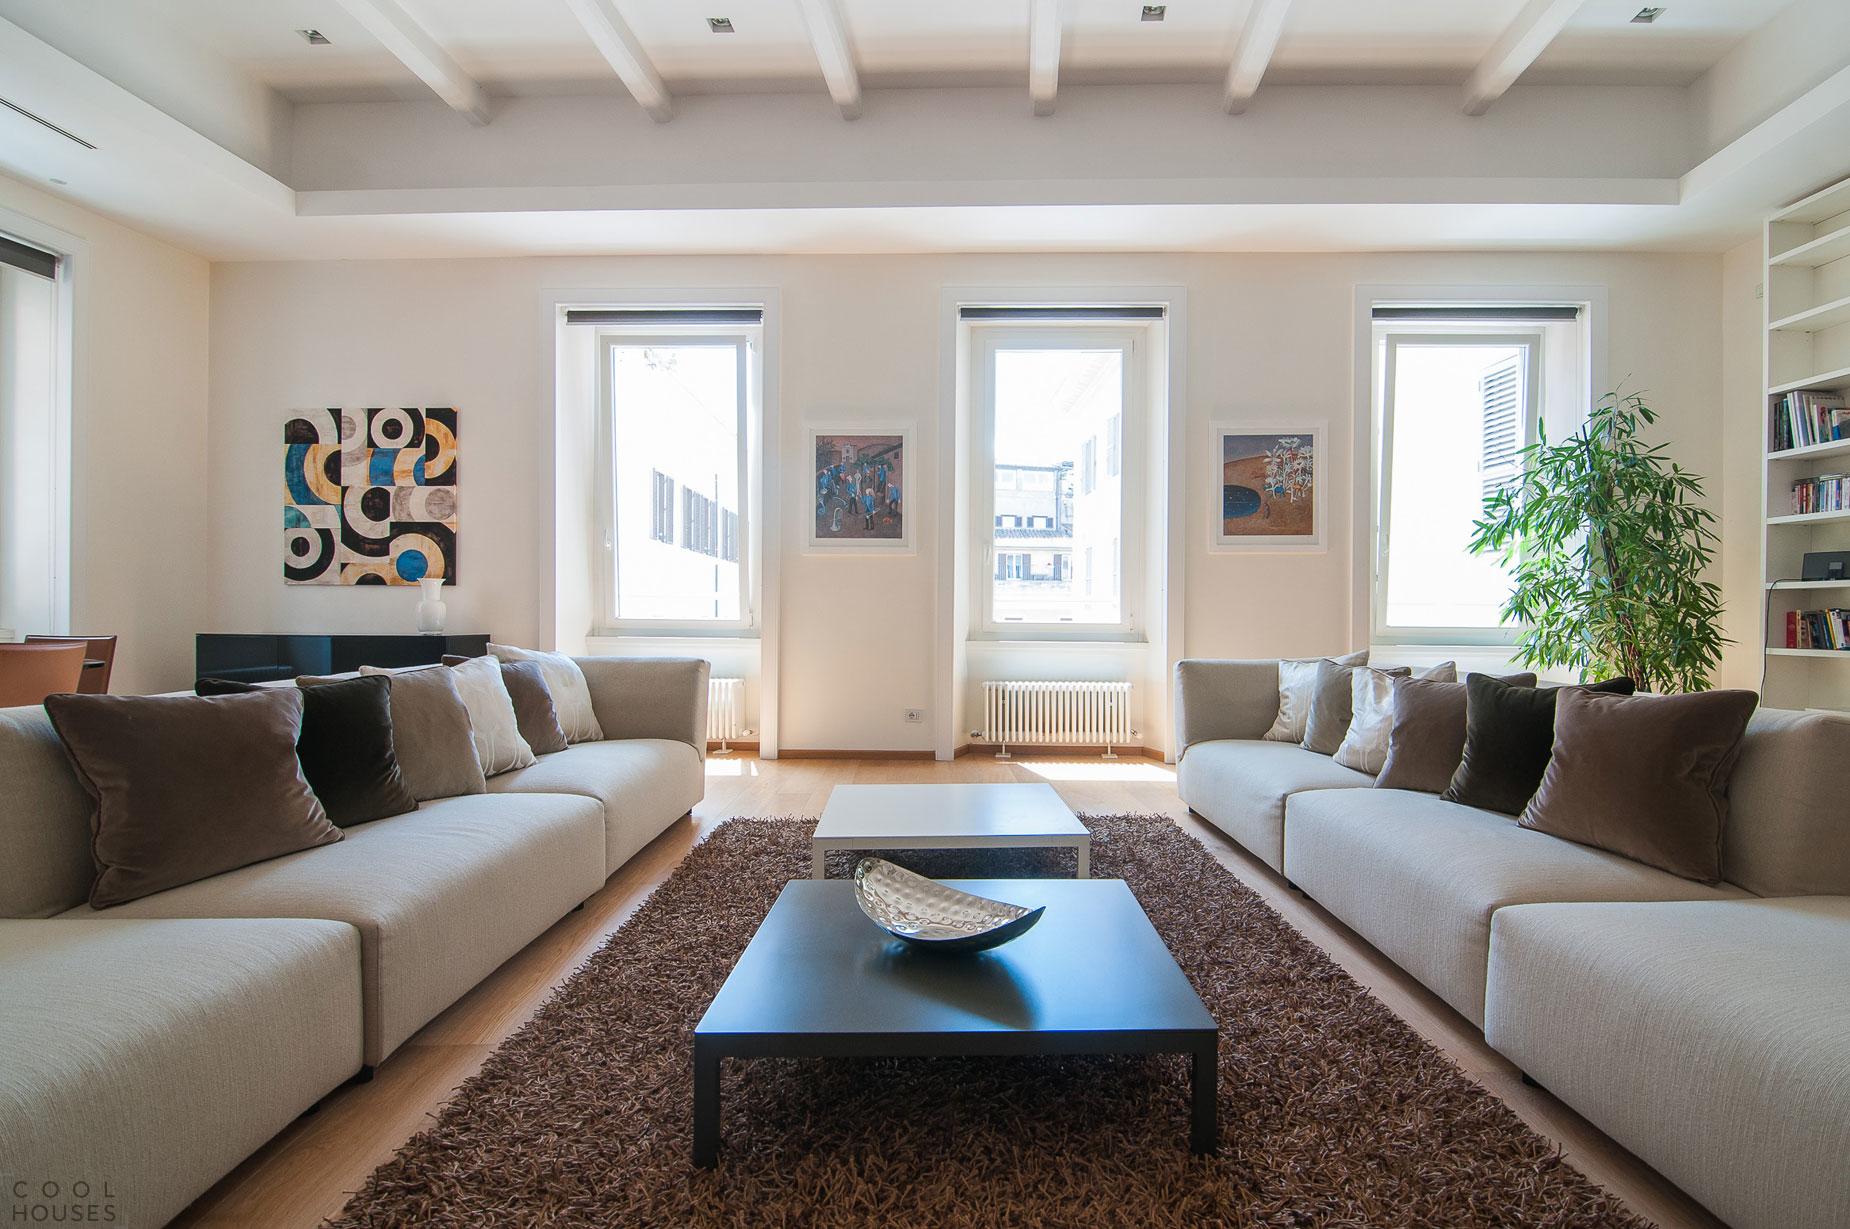 Интерьер квартиры в современном стиле в Риме, Италия